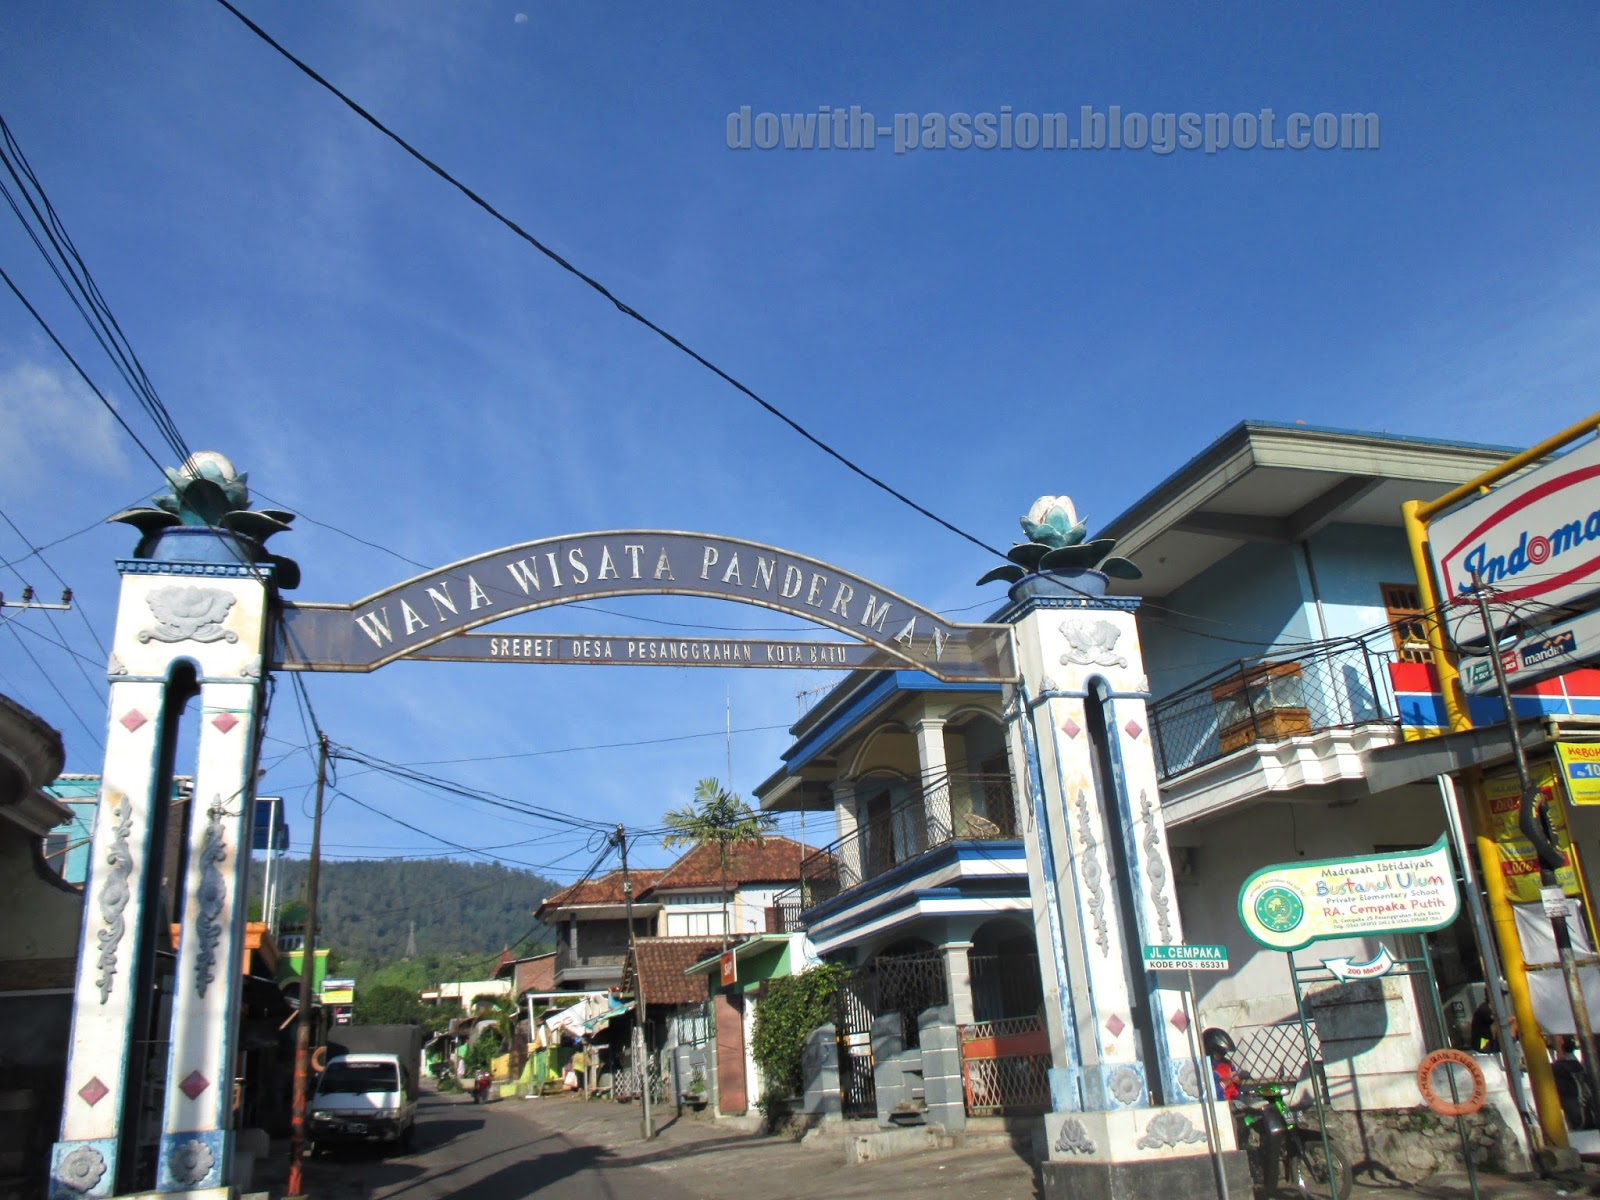 Blog Punya Jule One Day Climbing Mendaki Puncak Gunung Panderman Batu Malang